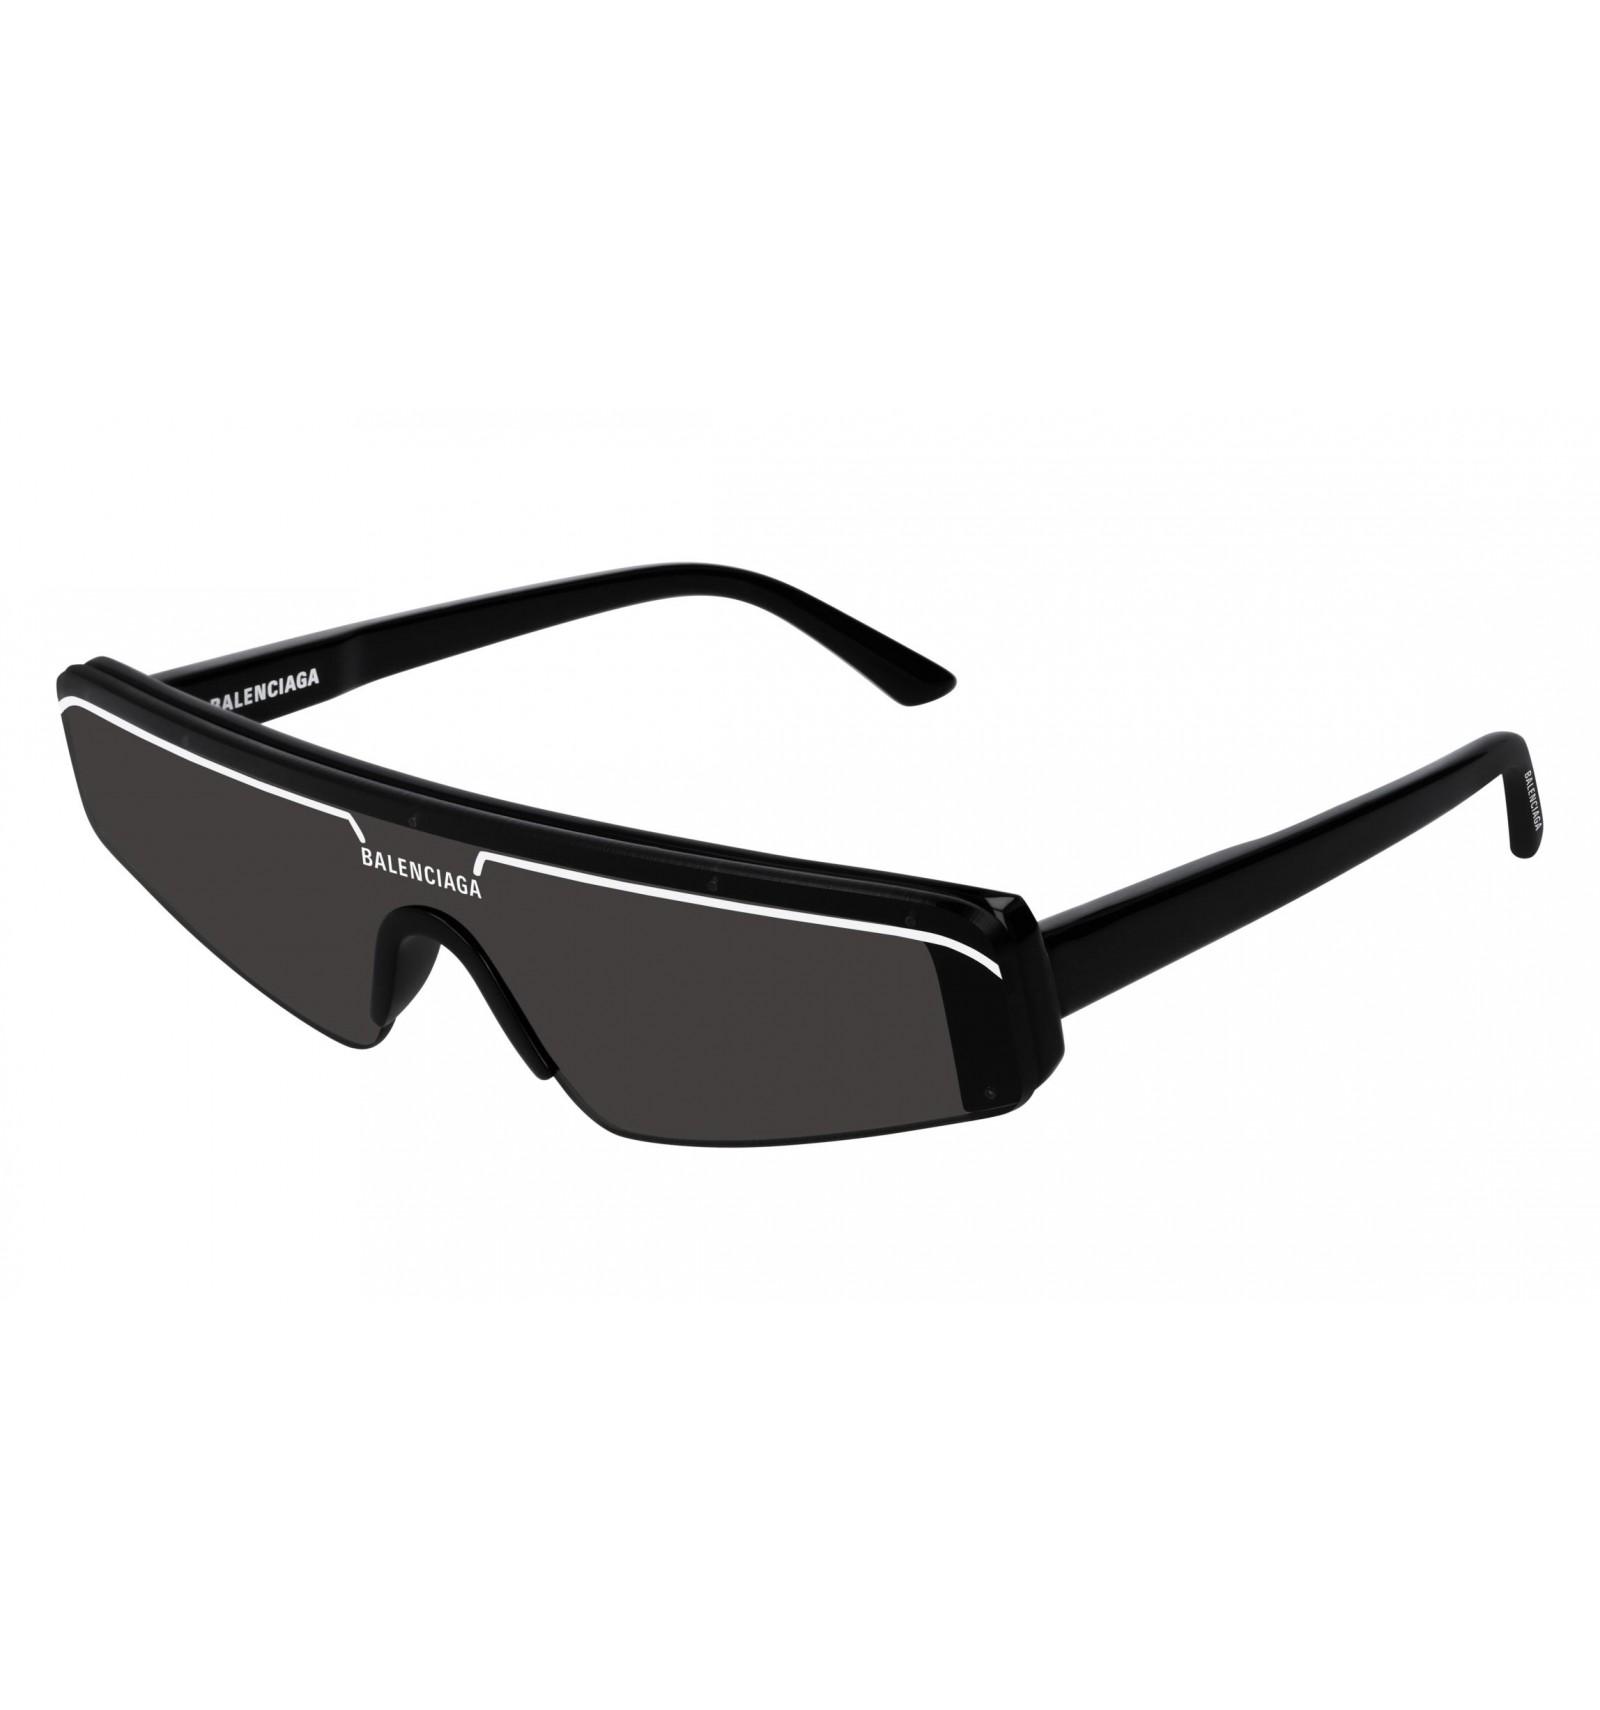 b607f2d30e Gafas de sol Balenciaga BB0003S Negro - Gris. Compra Online - Envío ...